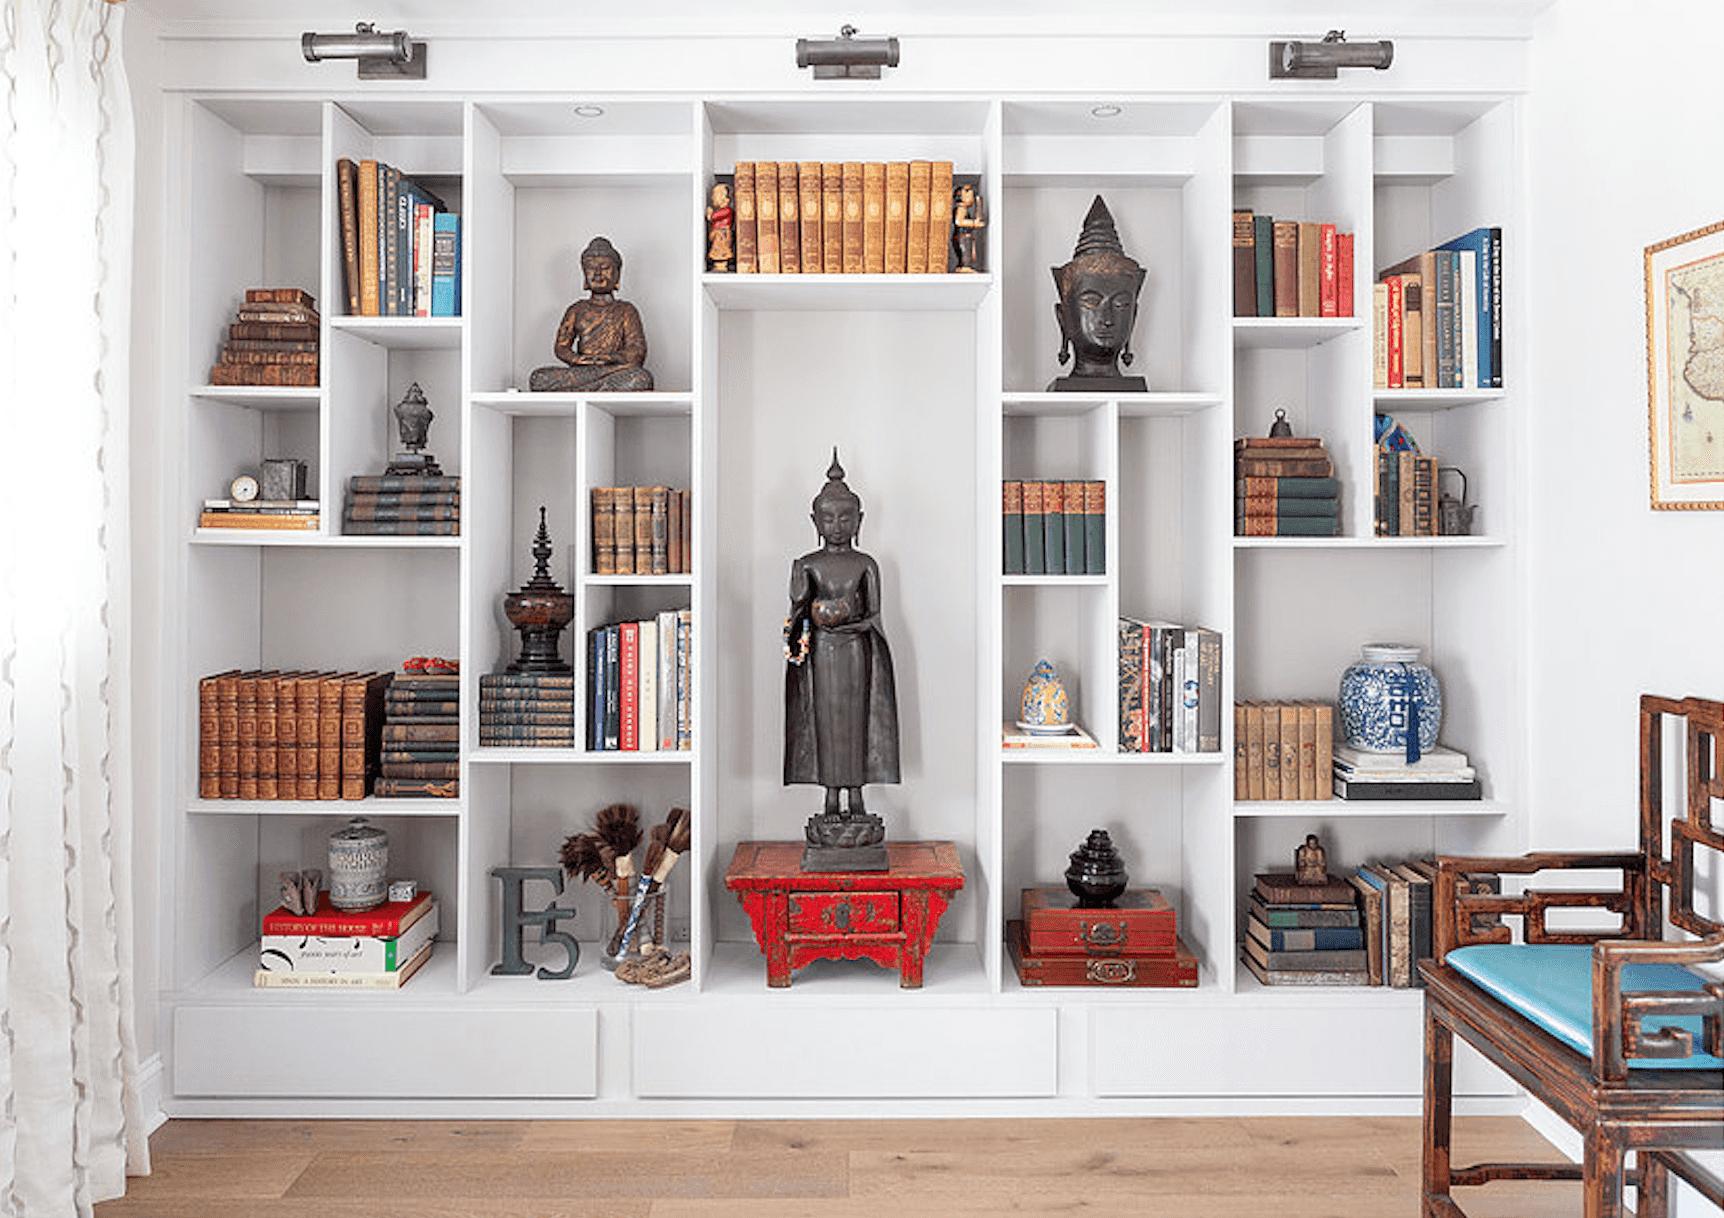 Glencoe Project | Matte & Gloss Interiors | Interior Design